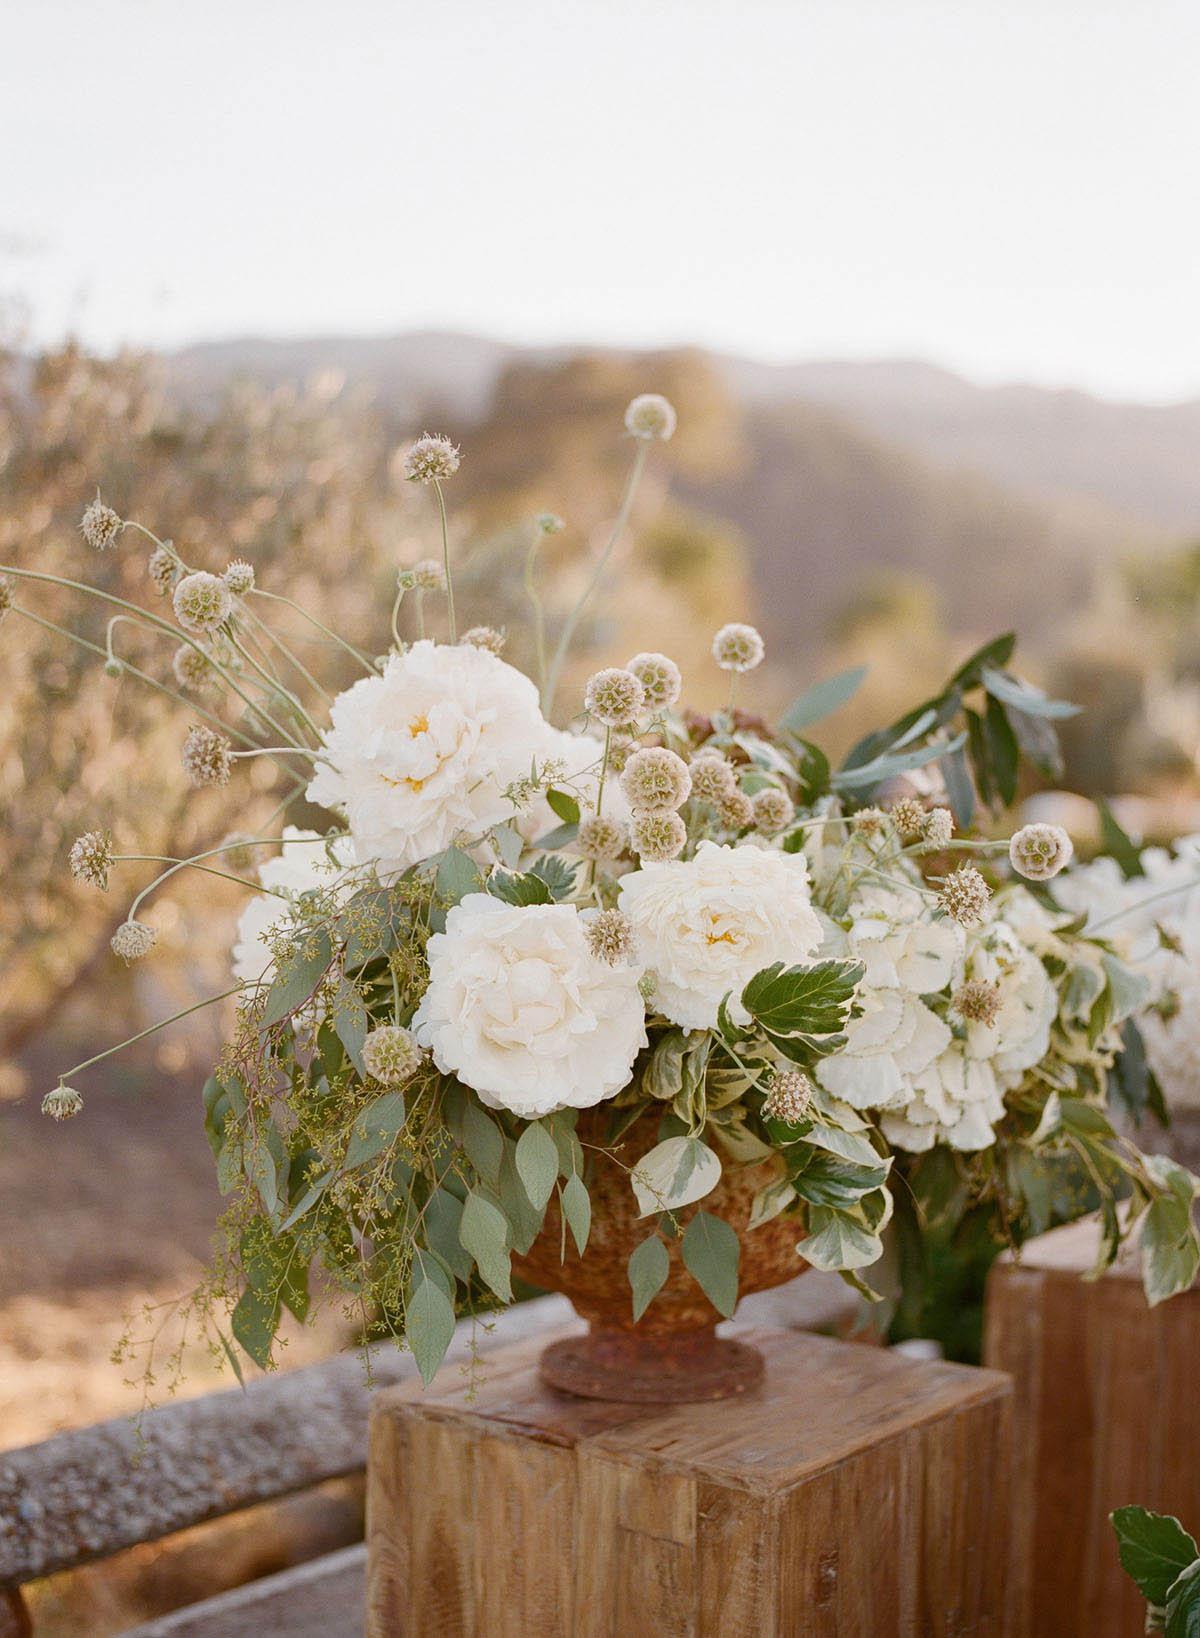 19-floral-centerpiece-wedding.jpg